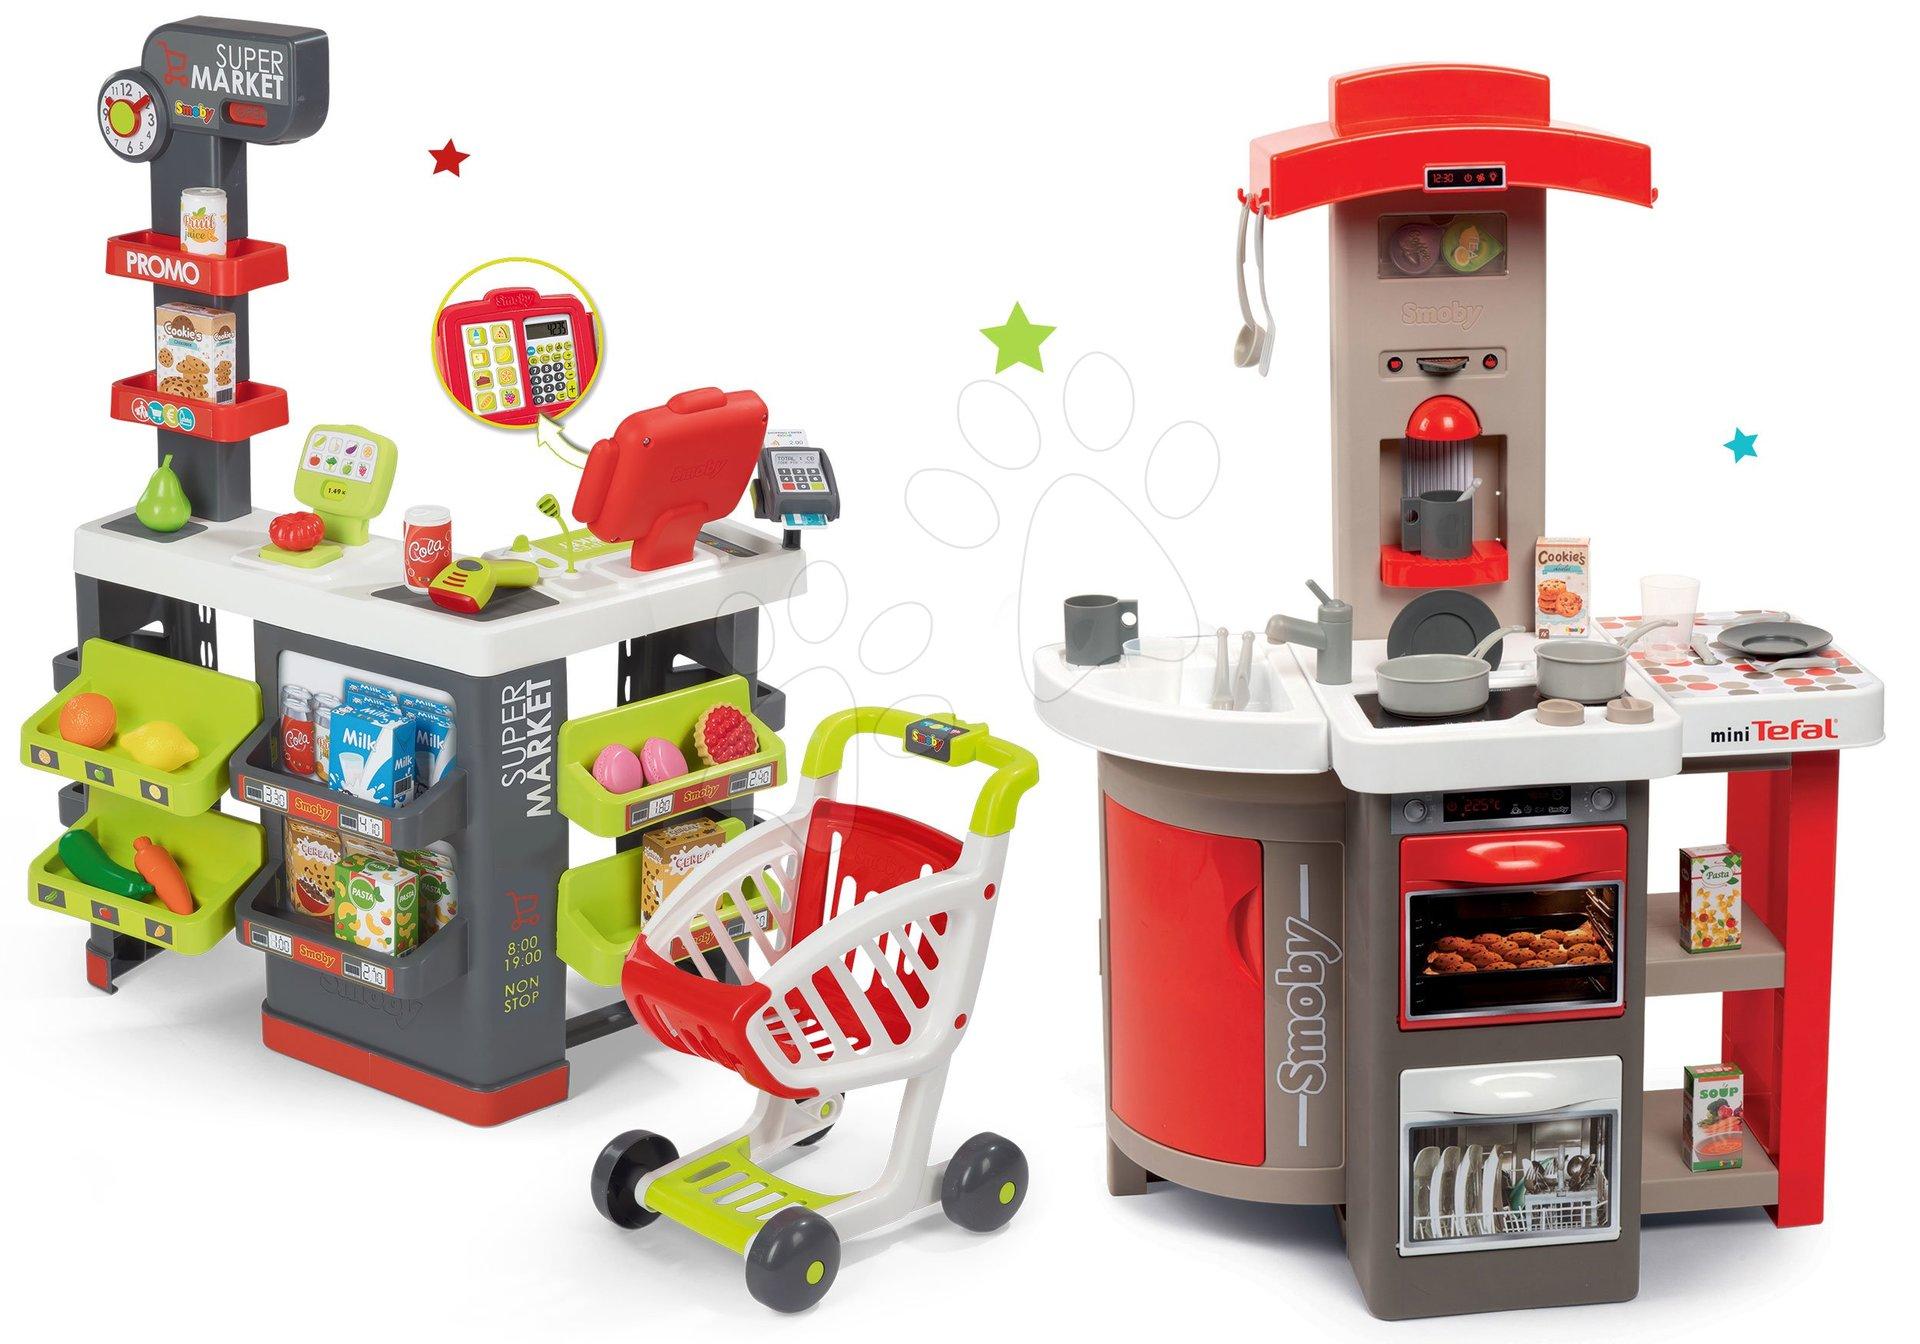 Set kuchynka skladacia Tefal Opencook Smoby červená s kávovarom a chladničkou a obchod Supermarket s elektronickou pokladňou